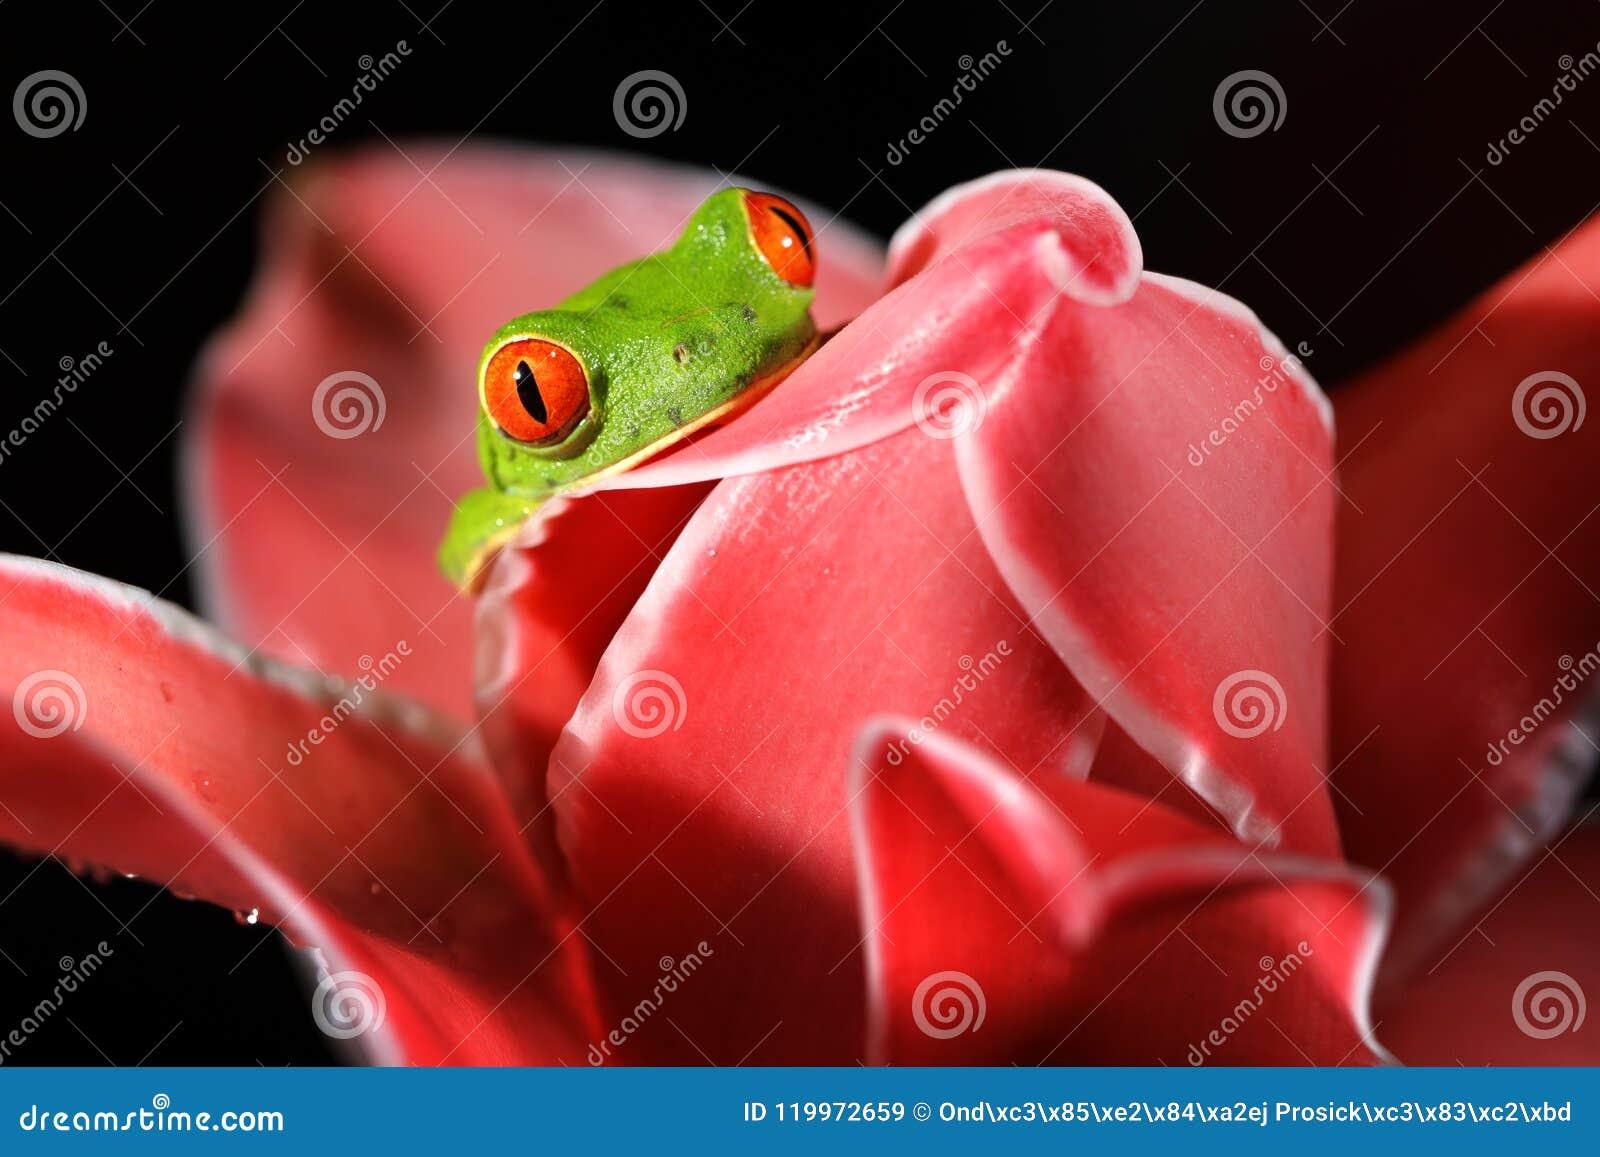 Callidryas de Agalychnis, rana arbórea de ojos enrojecidos, animal con los ojos rojos grandes, en hábitat de la naturaleza, Costa